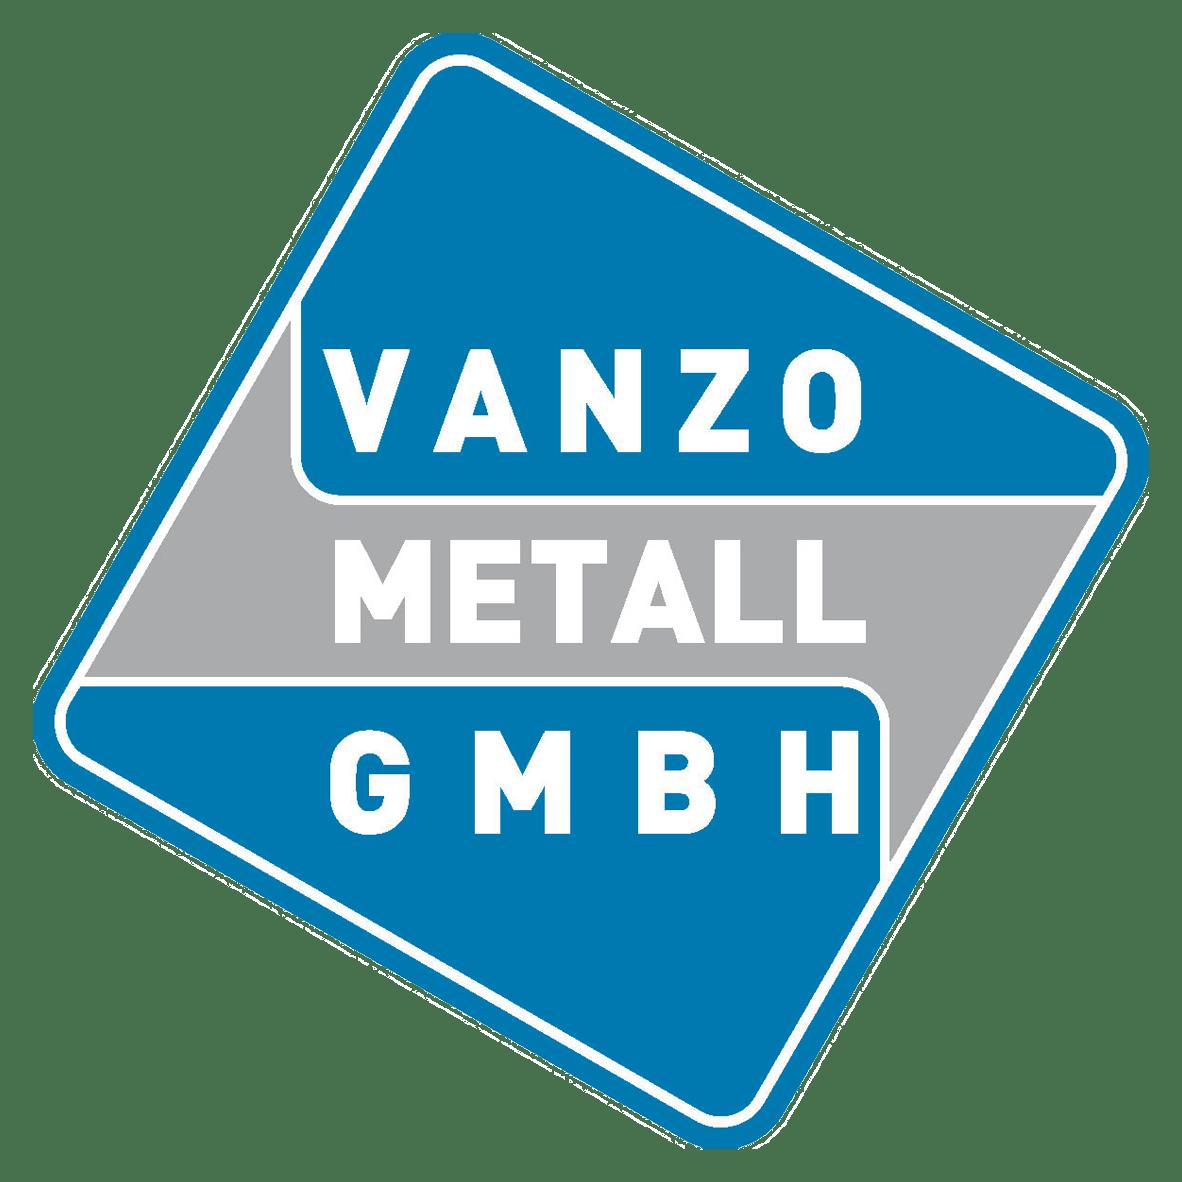 Vanzo Metall GmbH